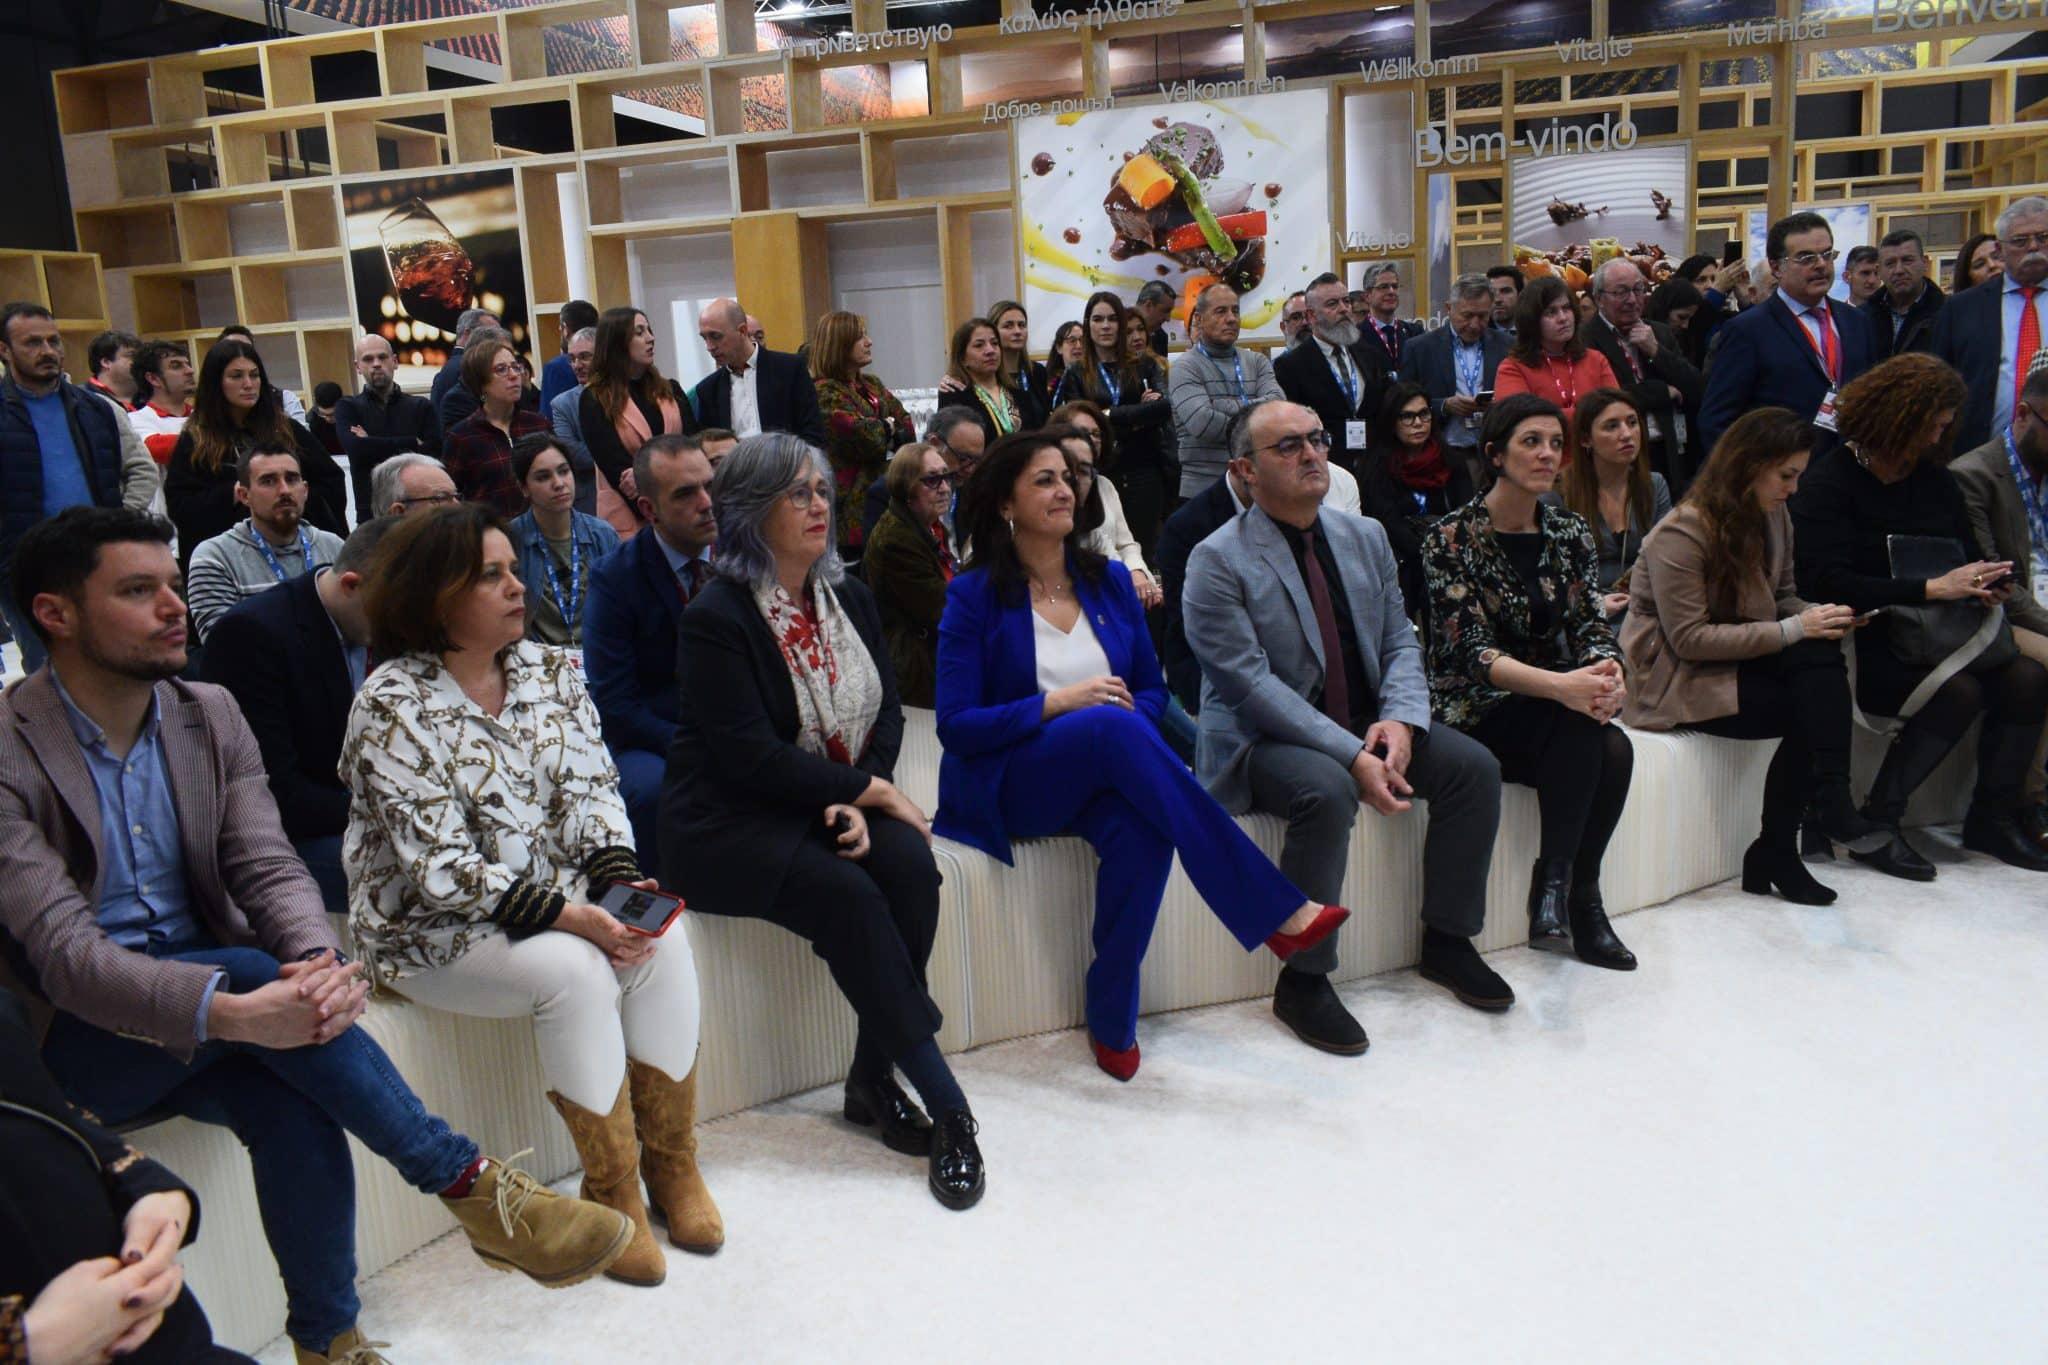 La Rioja busca en Fitur convertirse en la región enoturística por excelencia a nivel mundial 2